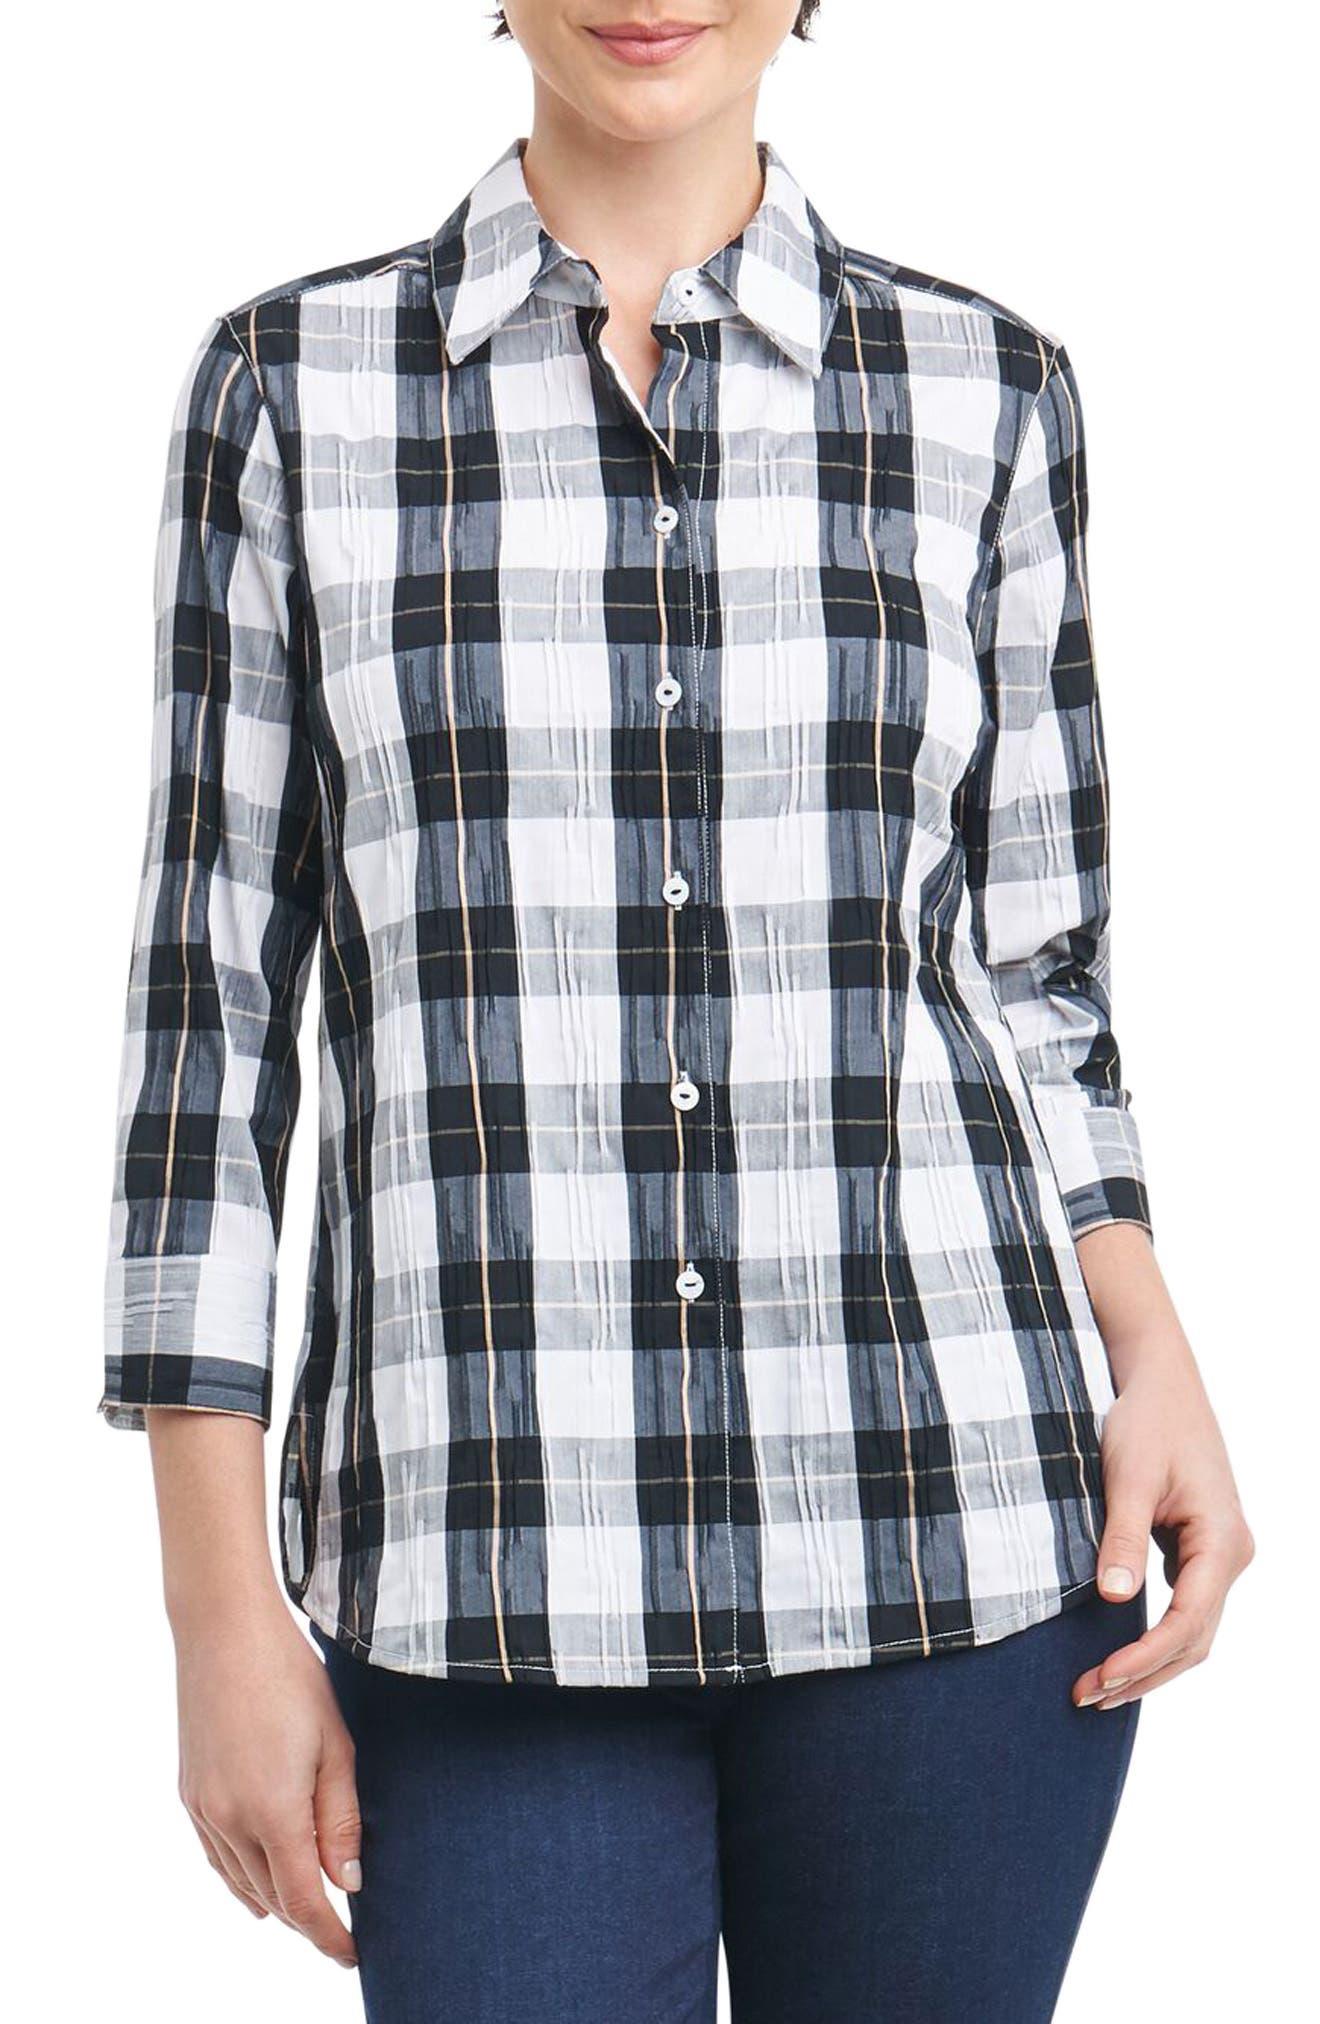 Sue Shaped Fit Crinkle Plaid Shirt,                         Main,                         color, Black